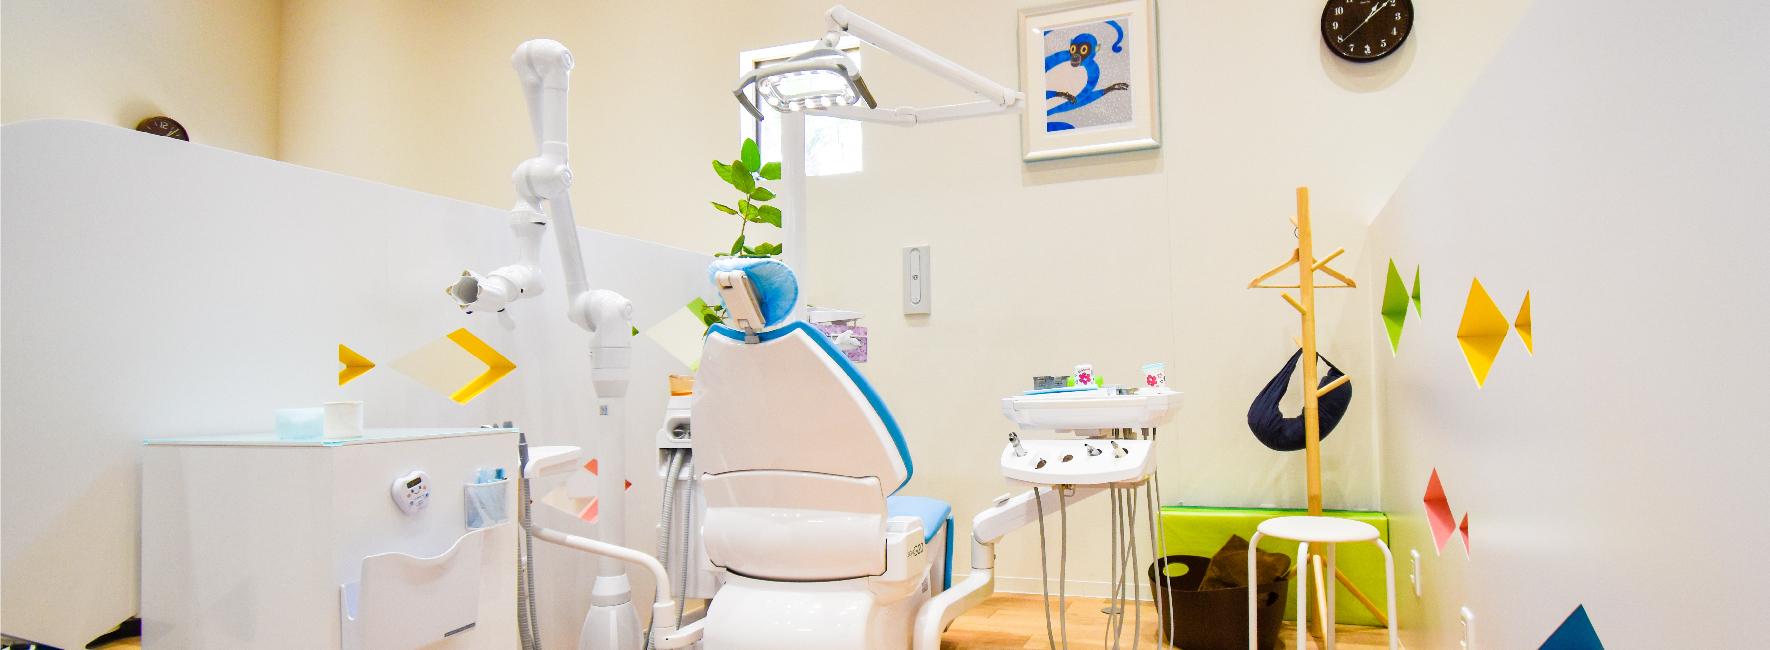 医院 中尾 歯科